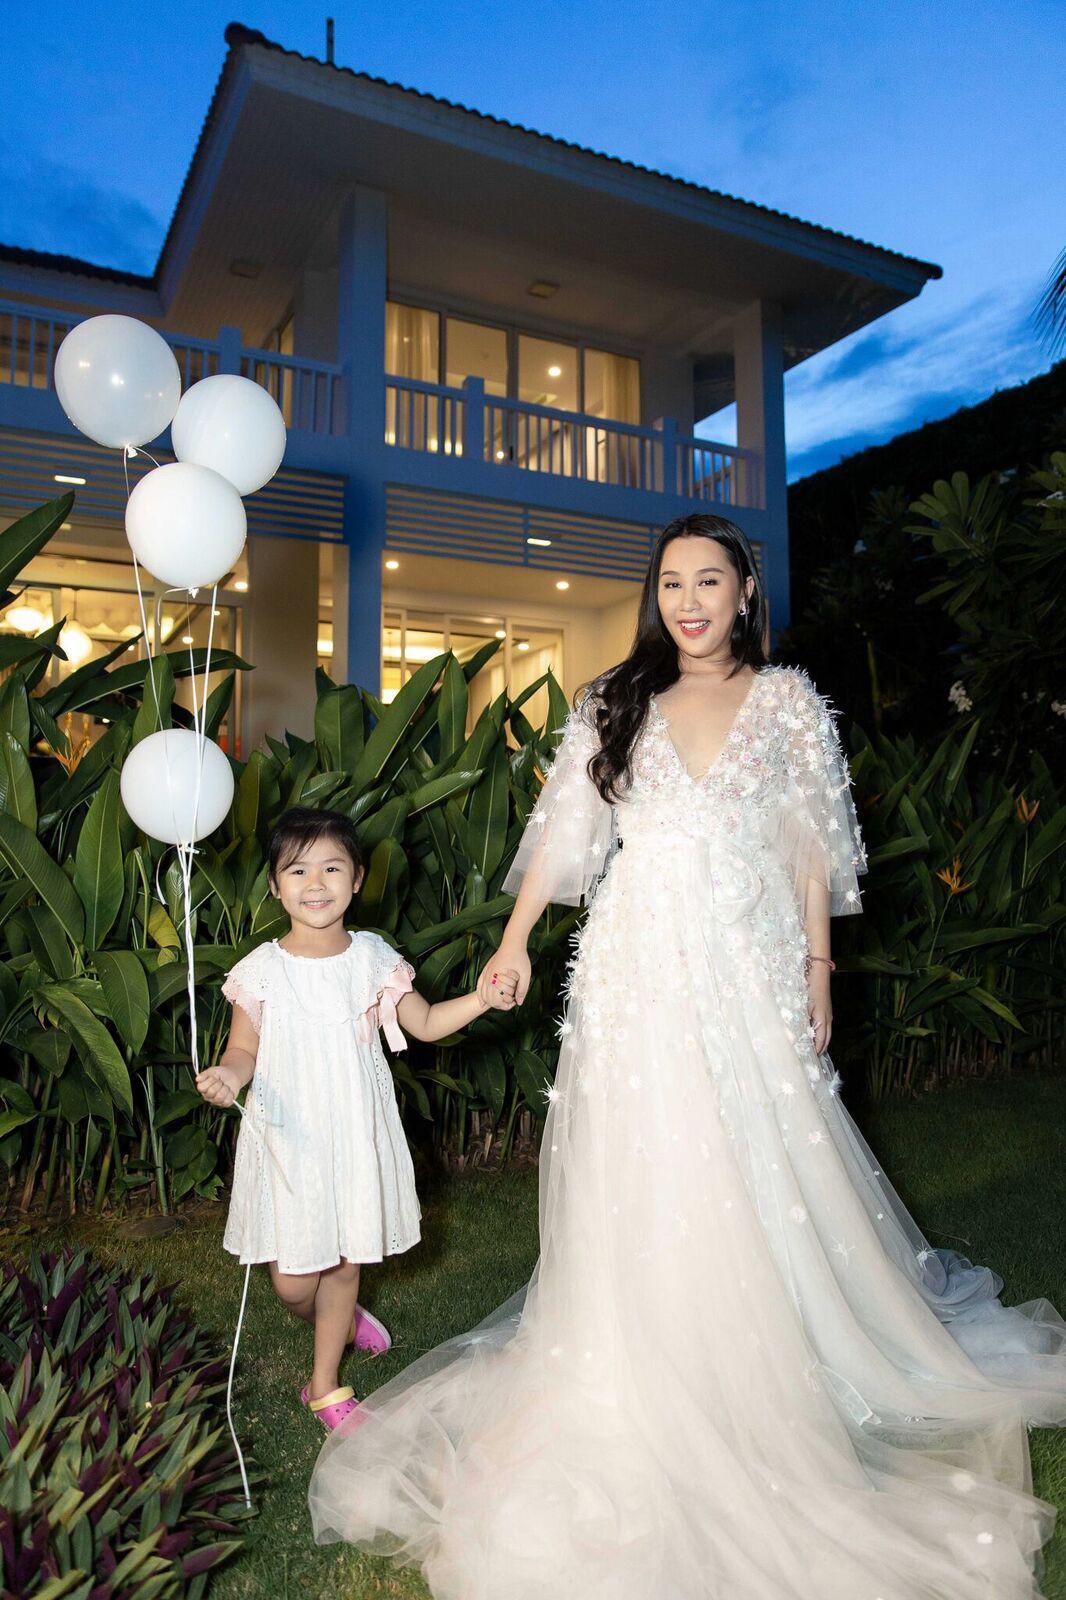 Trước giờ G cử hành hôn lễ, nhà văn Gào chia sẻ những hình ảnh về tiệc chia tay thời độc thân cùng dàn phù dâu xinh đẹp - Ảnh 18.